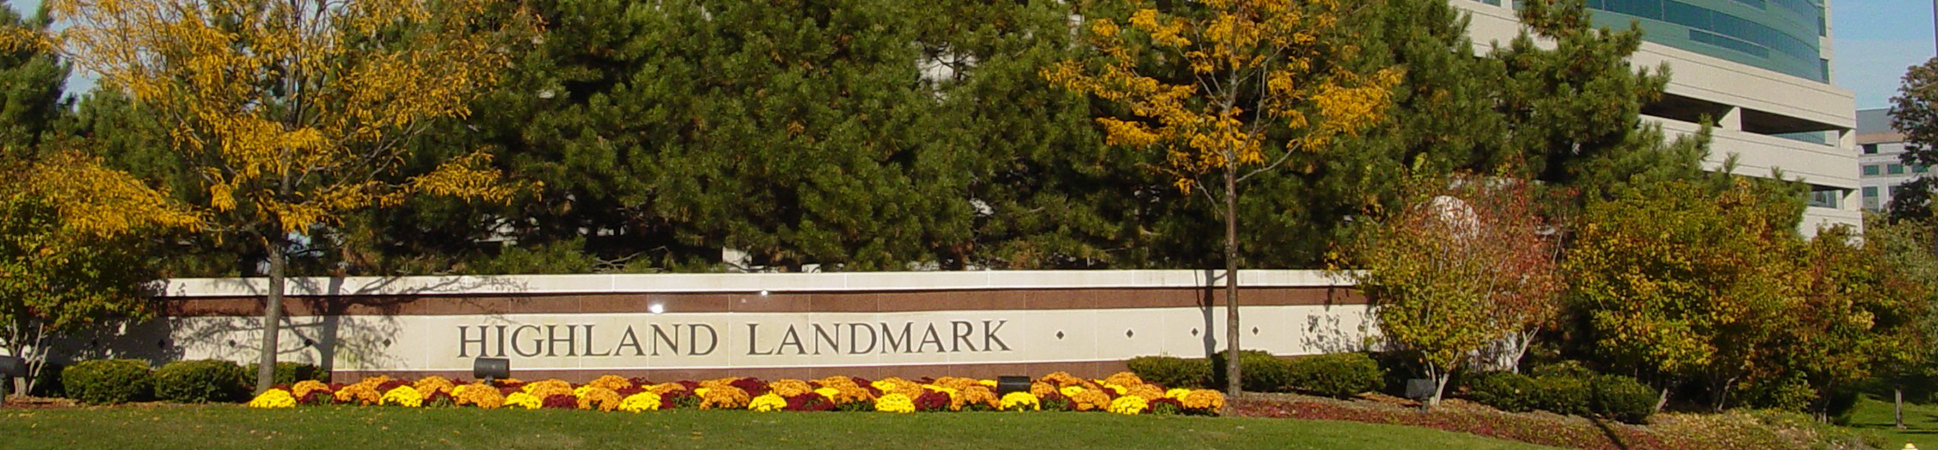 highland_landmark